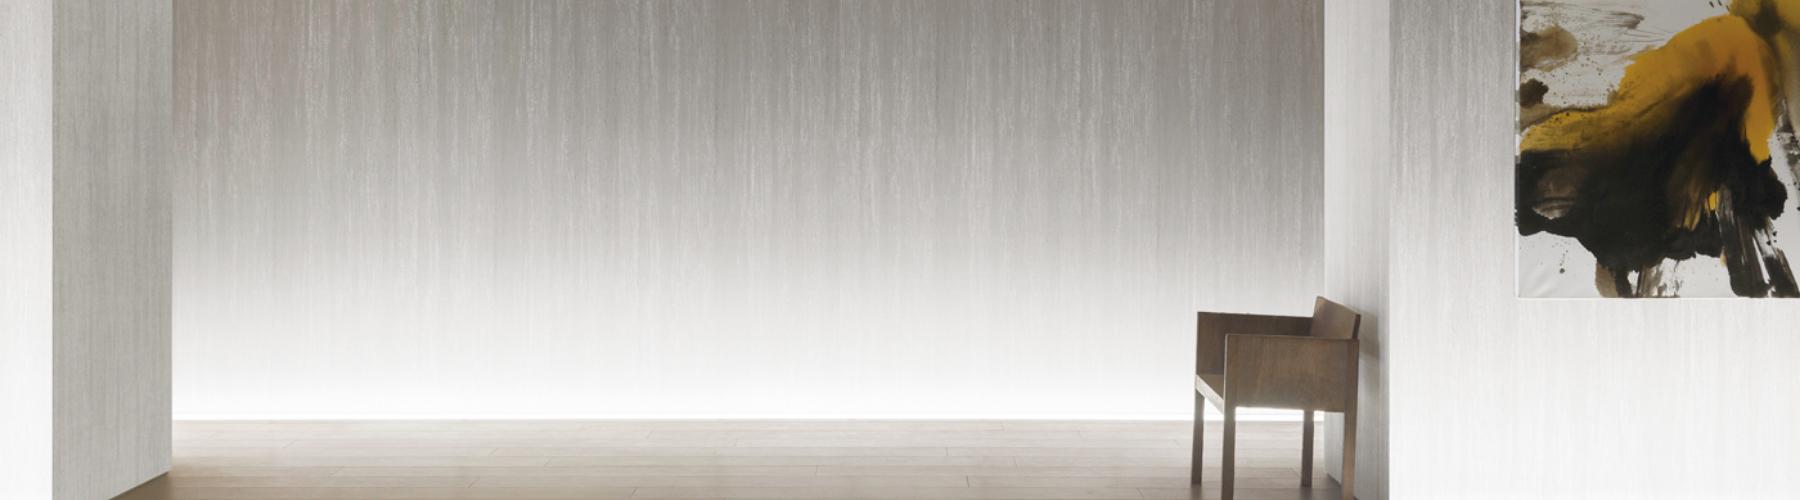 壁紙 ふすま紙 インテリア事業 事業 製品 住江織物株式会社